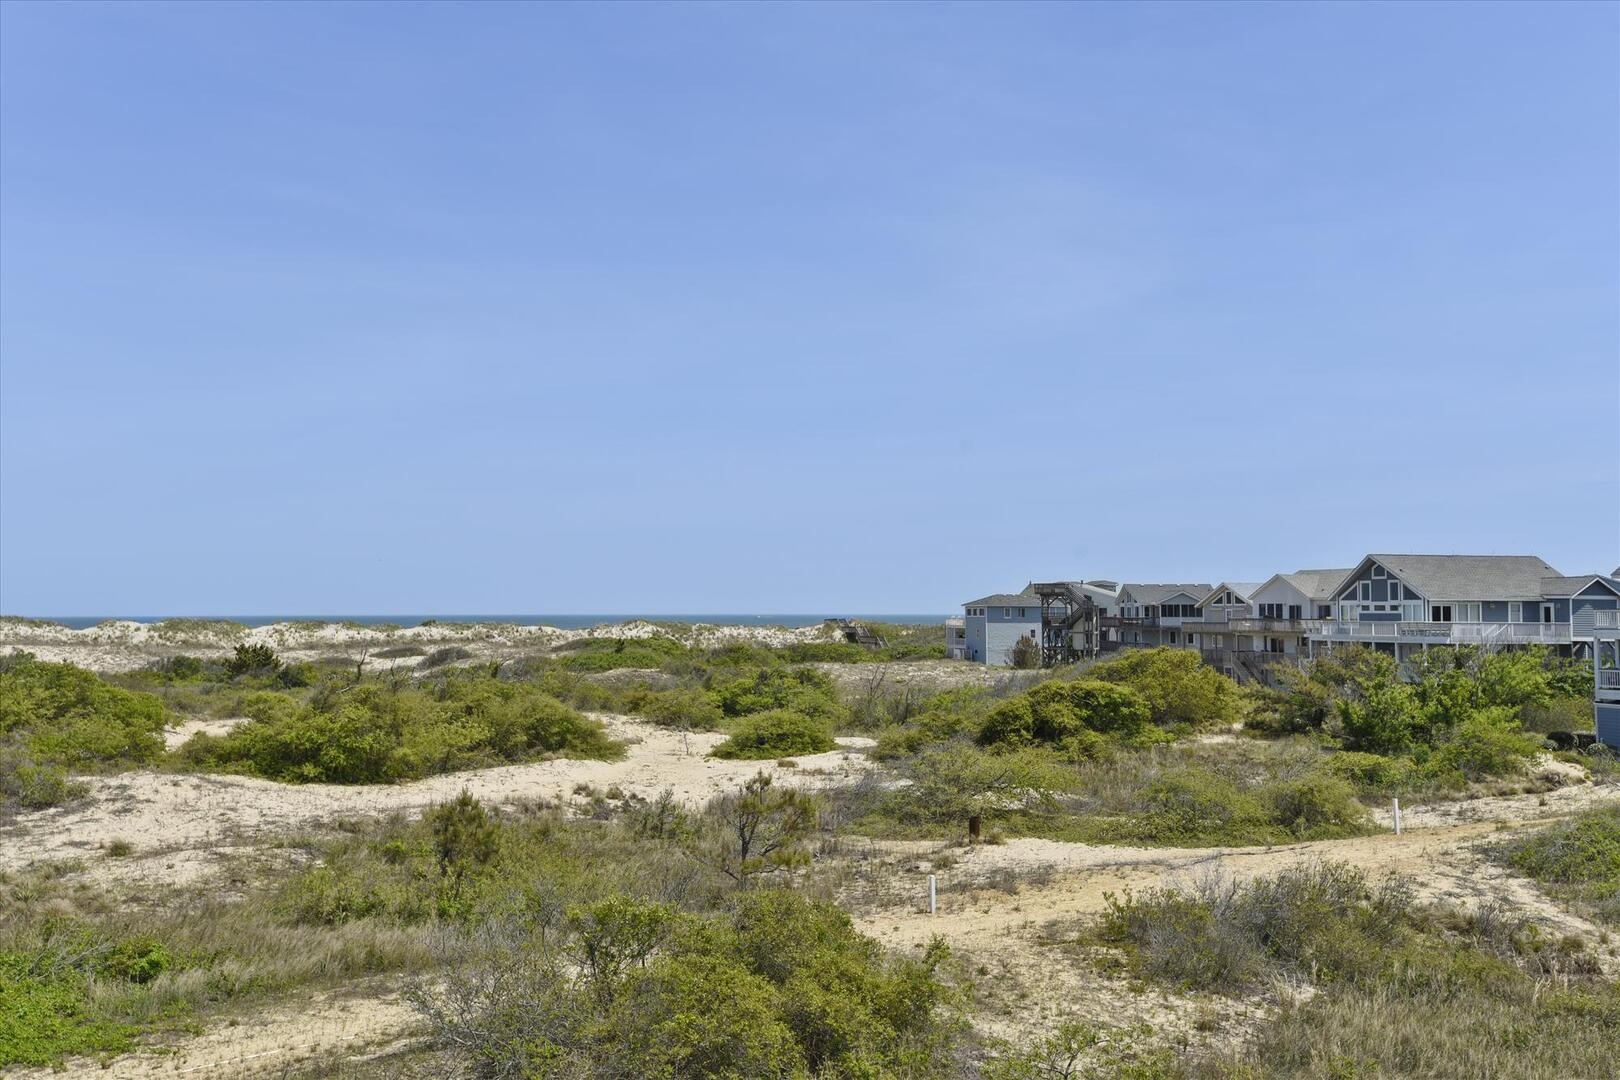 Main/Upper,Ocean View,